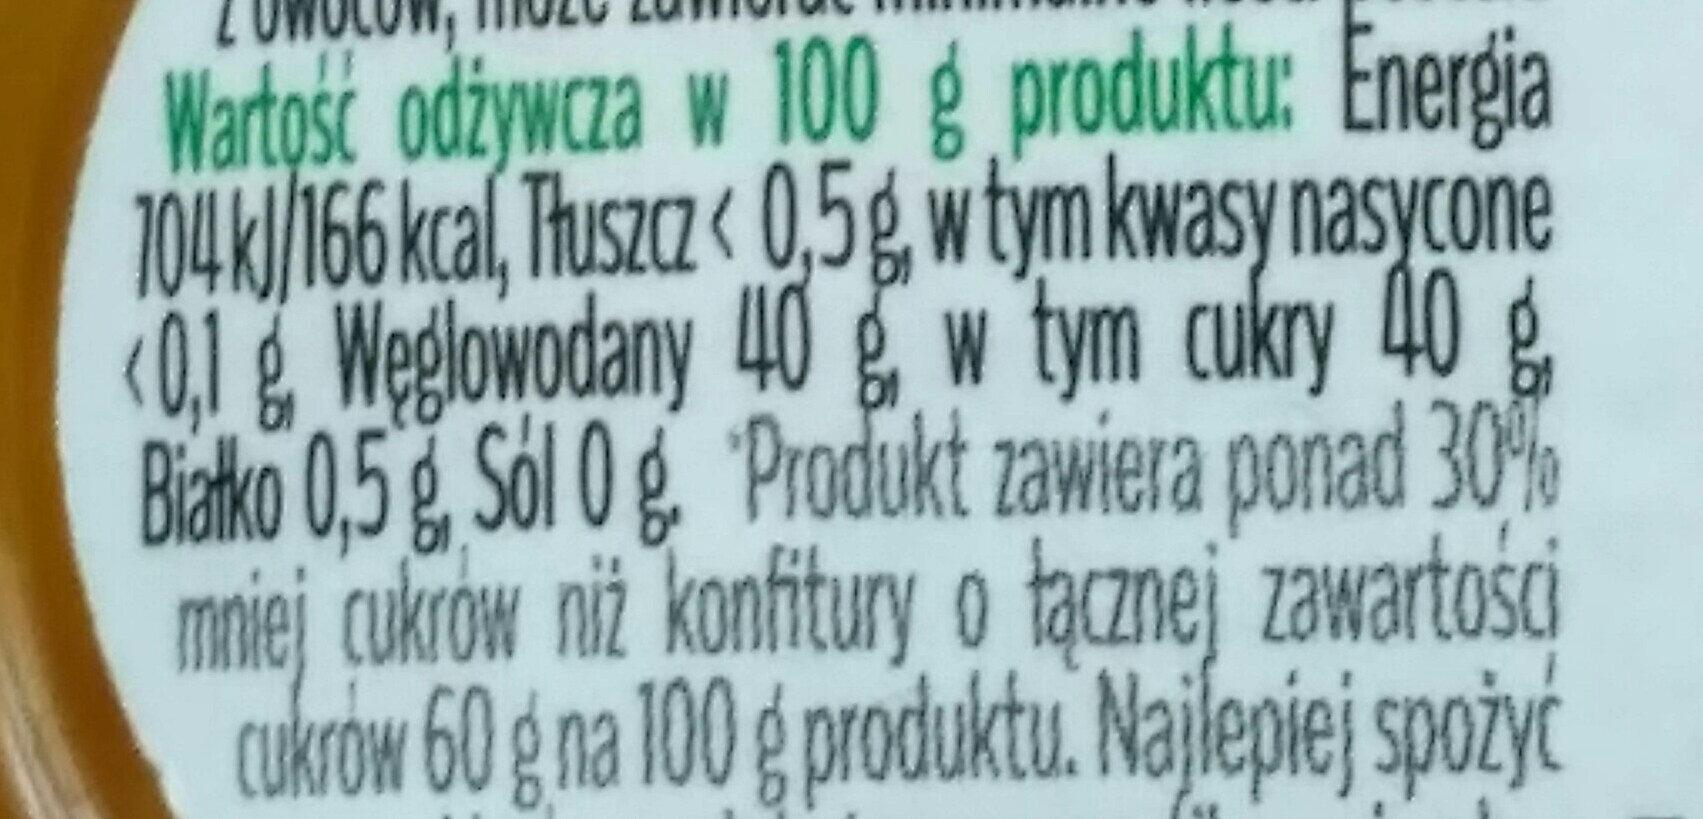 Konfitura z żółtych owoców - Nutrition facts - pl